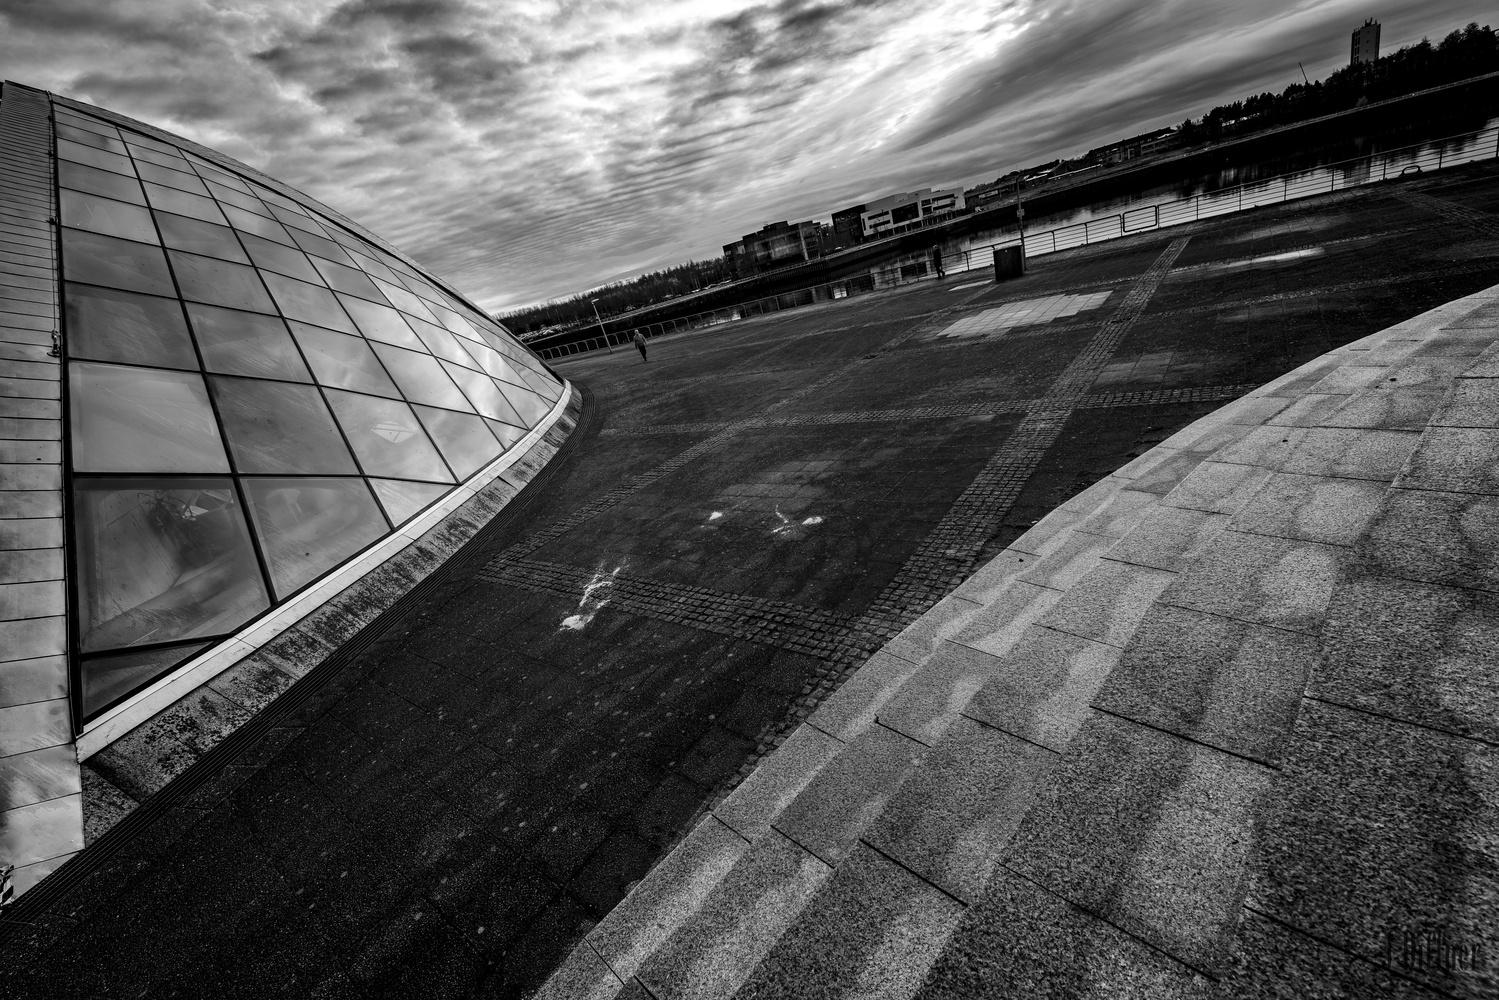 Glasgow by Jeff Diffner